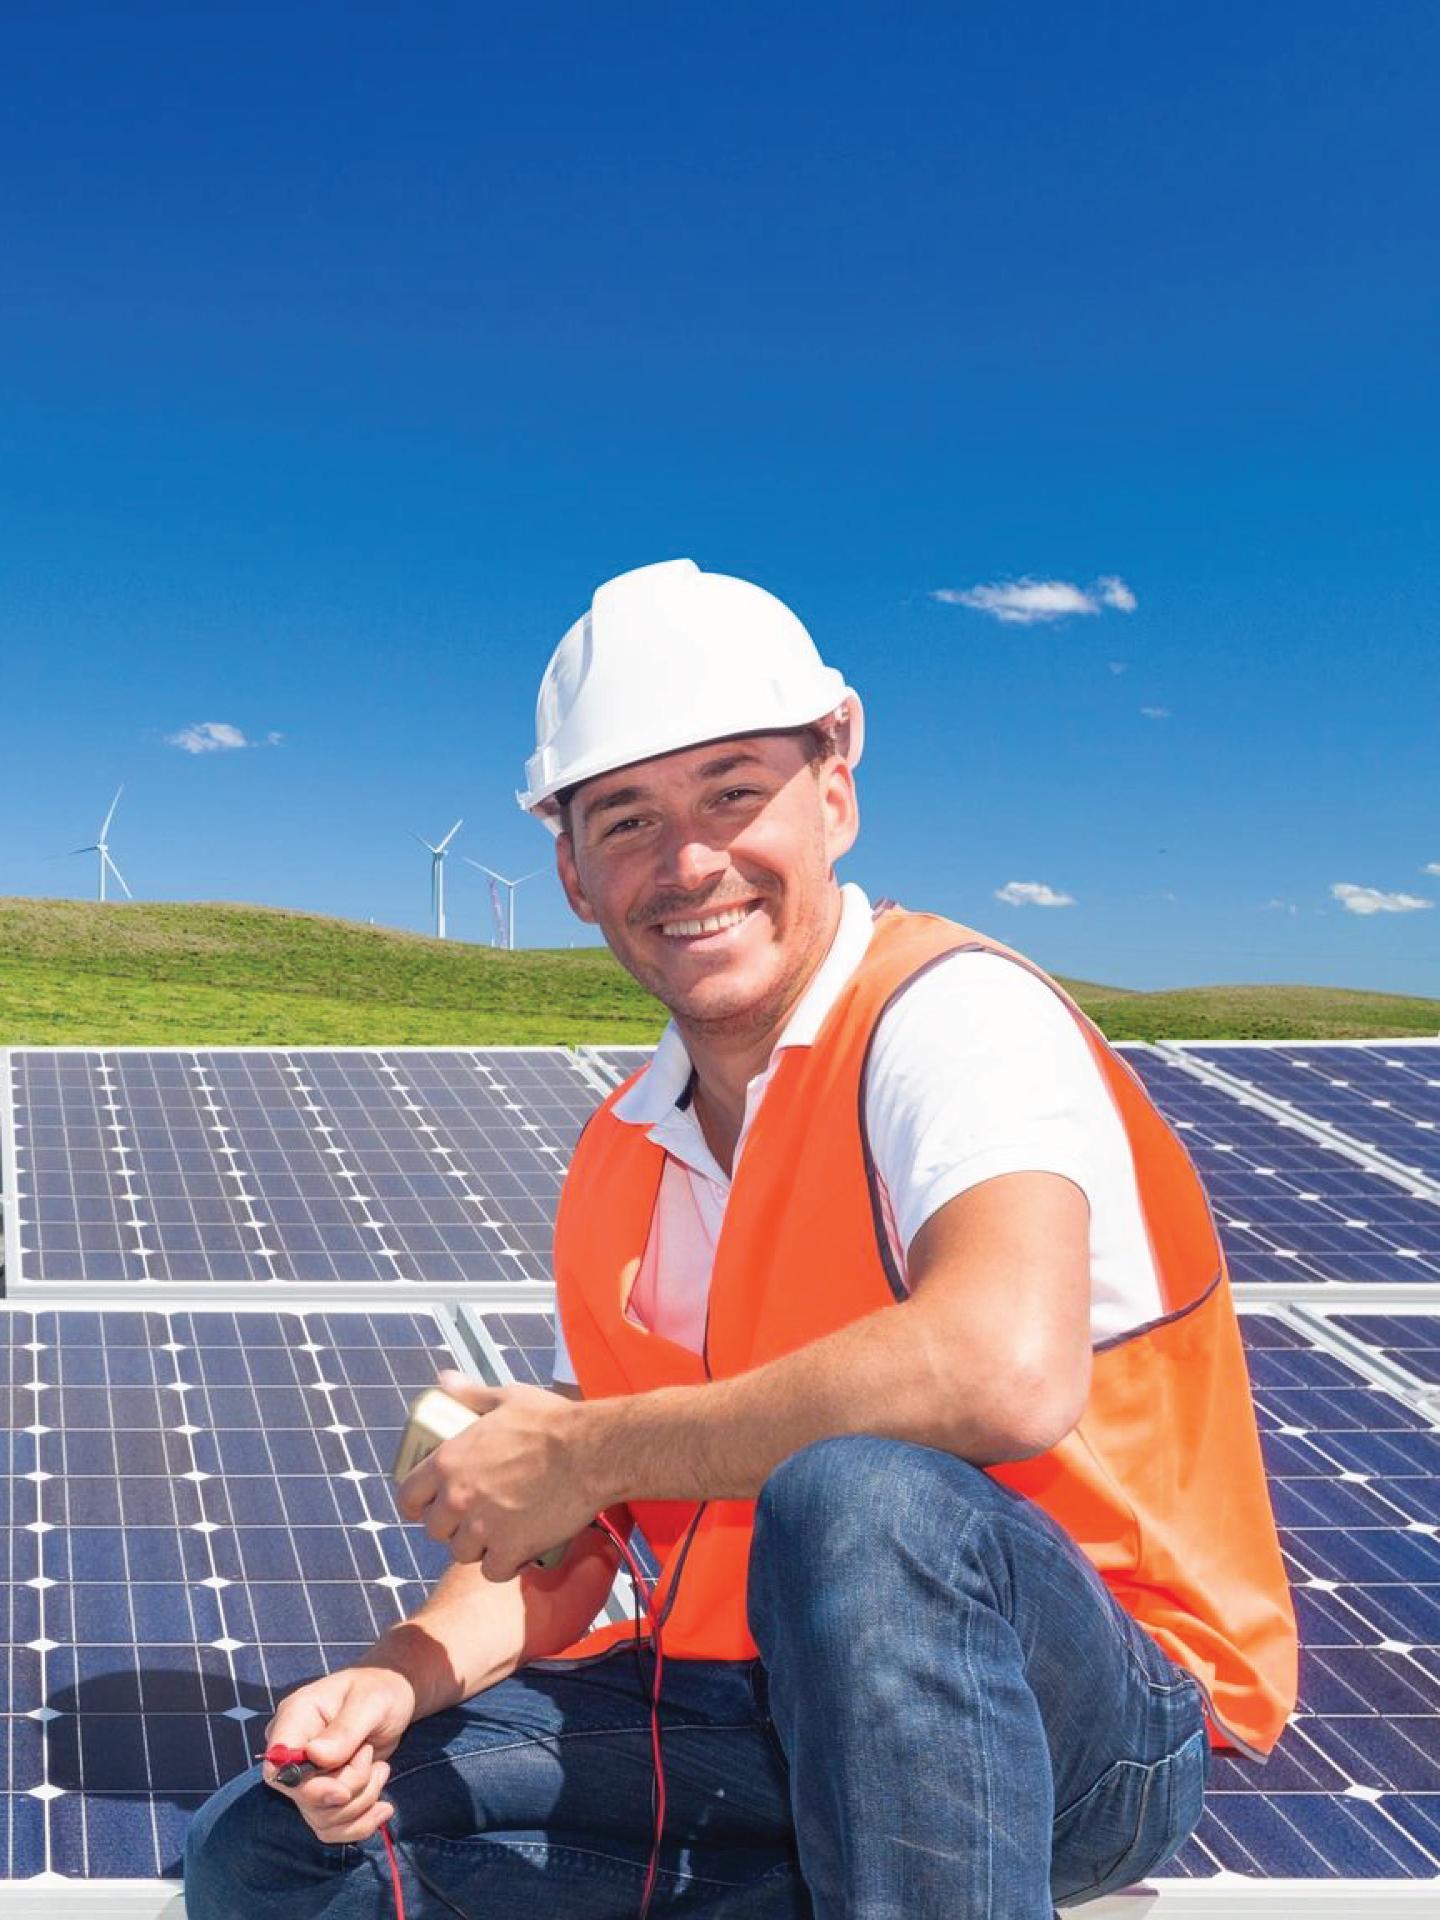 solar-panels-cannabis-home